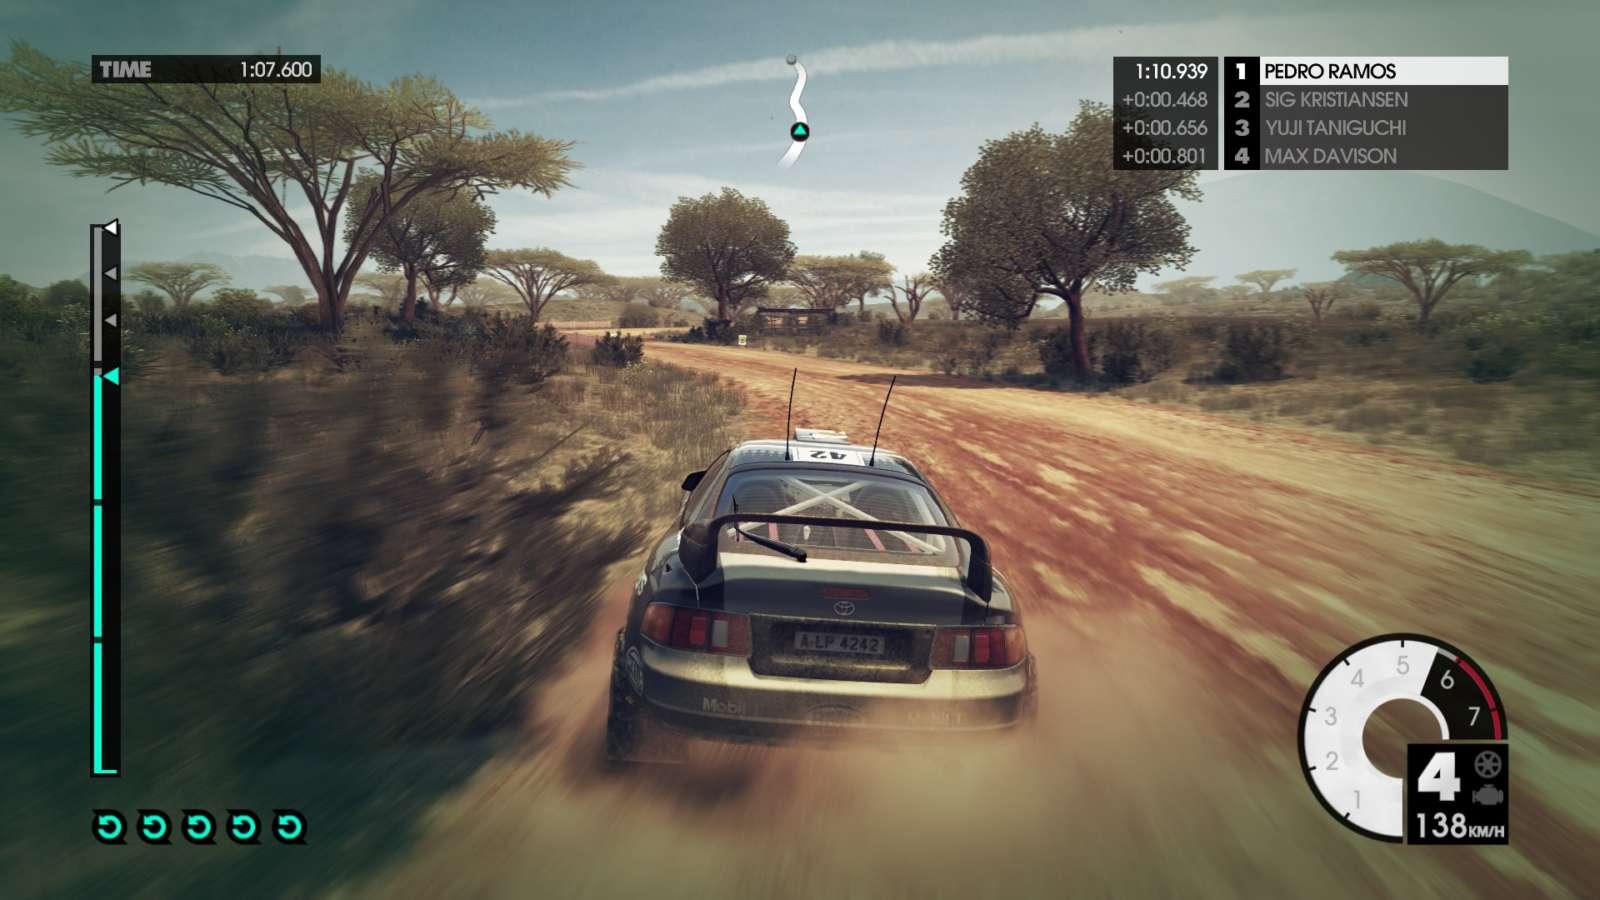 игра drive car